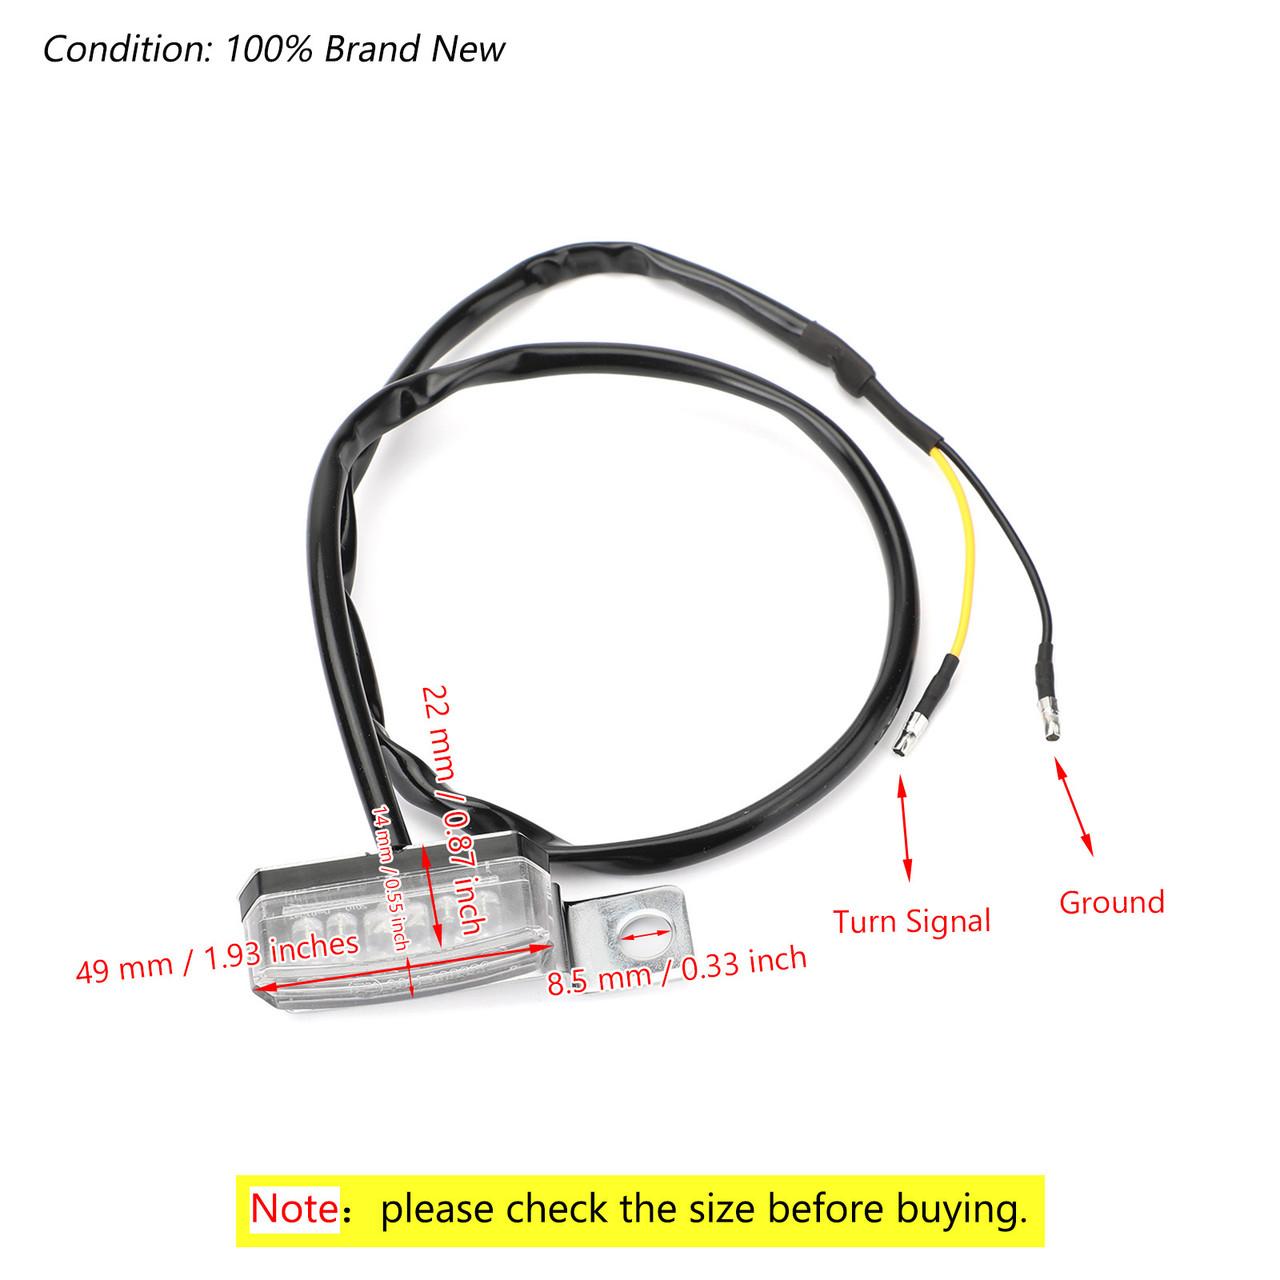 2x Universal LED Turn Signal Indicator Blinker Light Lamp Chrome